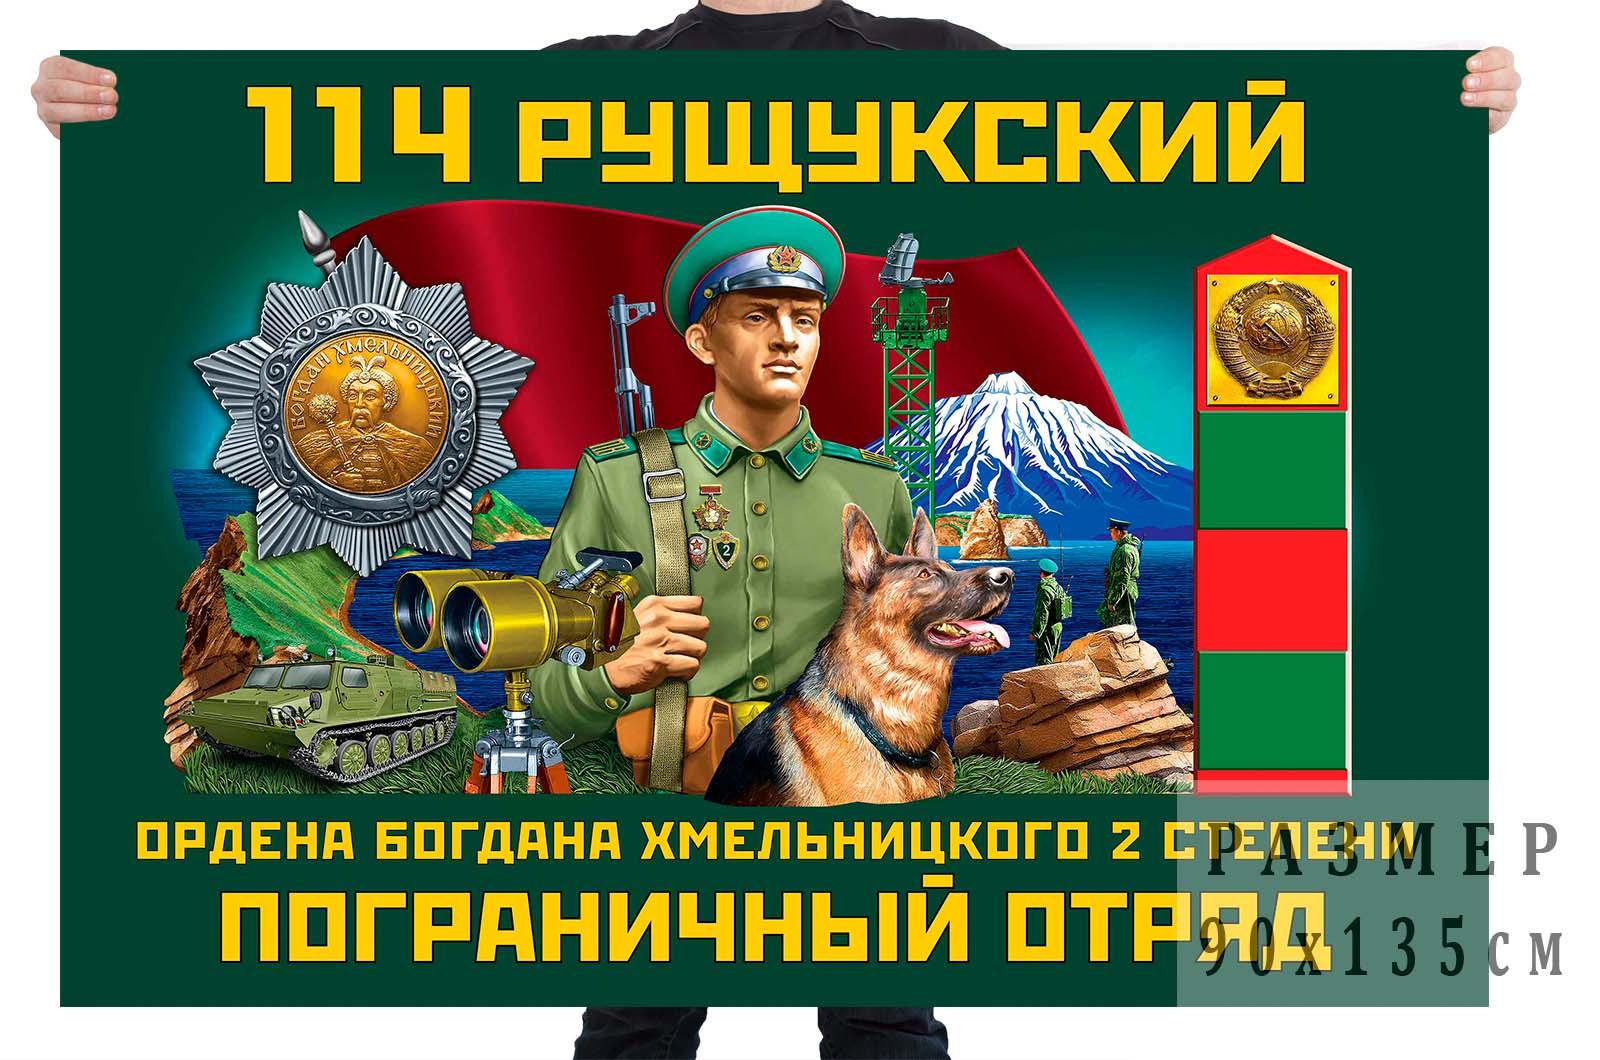 Флаг 114 Рущукского ордена Богдана Хмельницкого II степени пограничного отряда